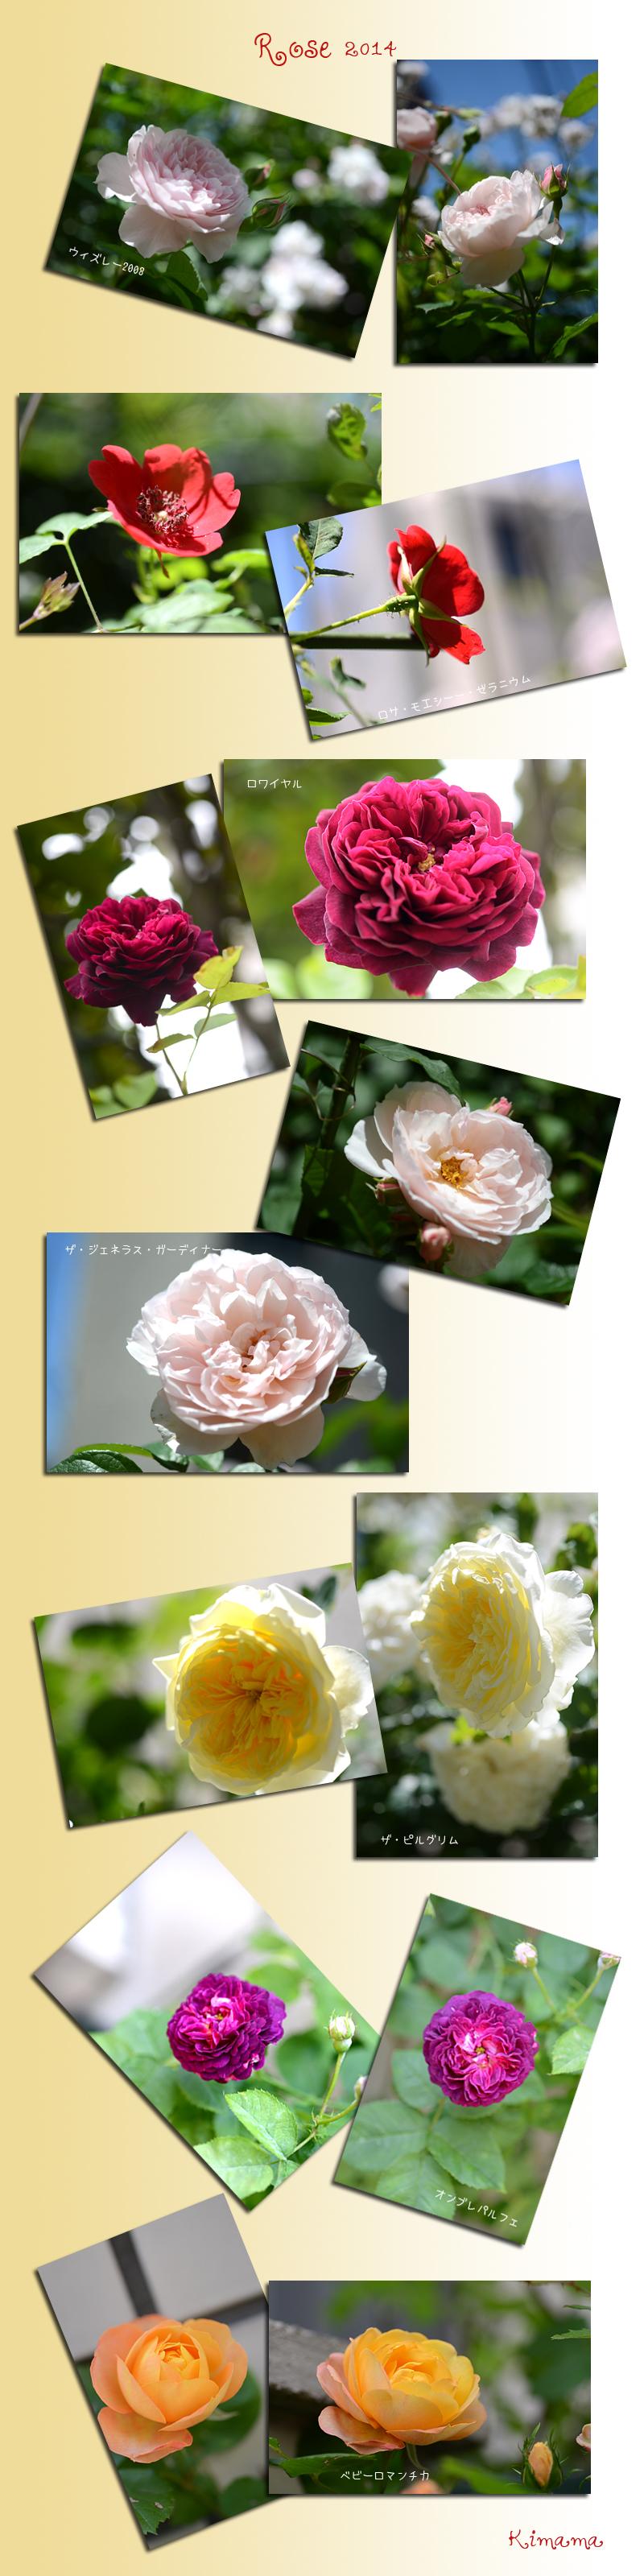 5月22日庭の薔薇1